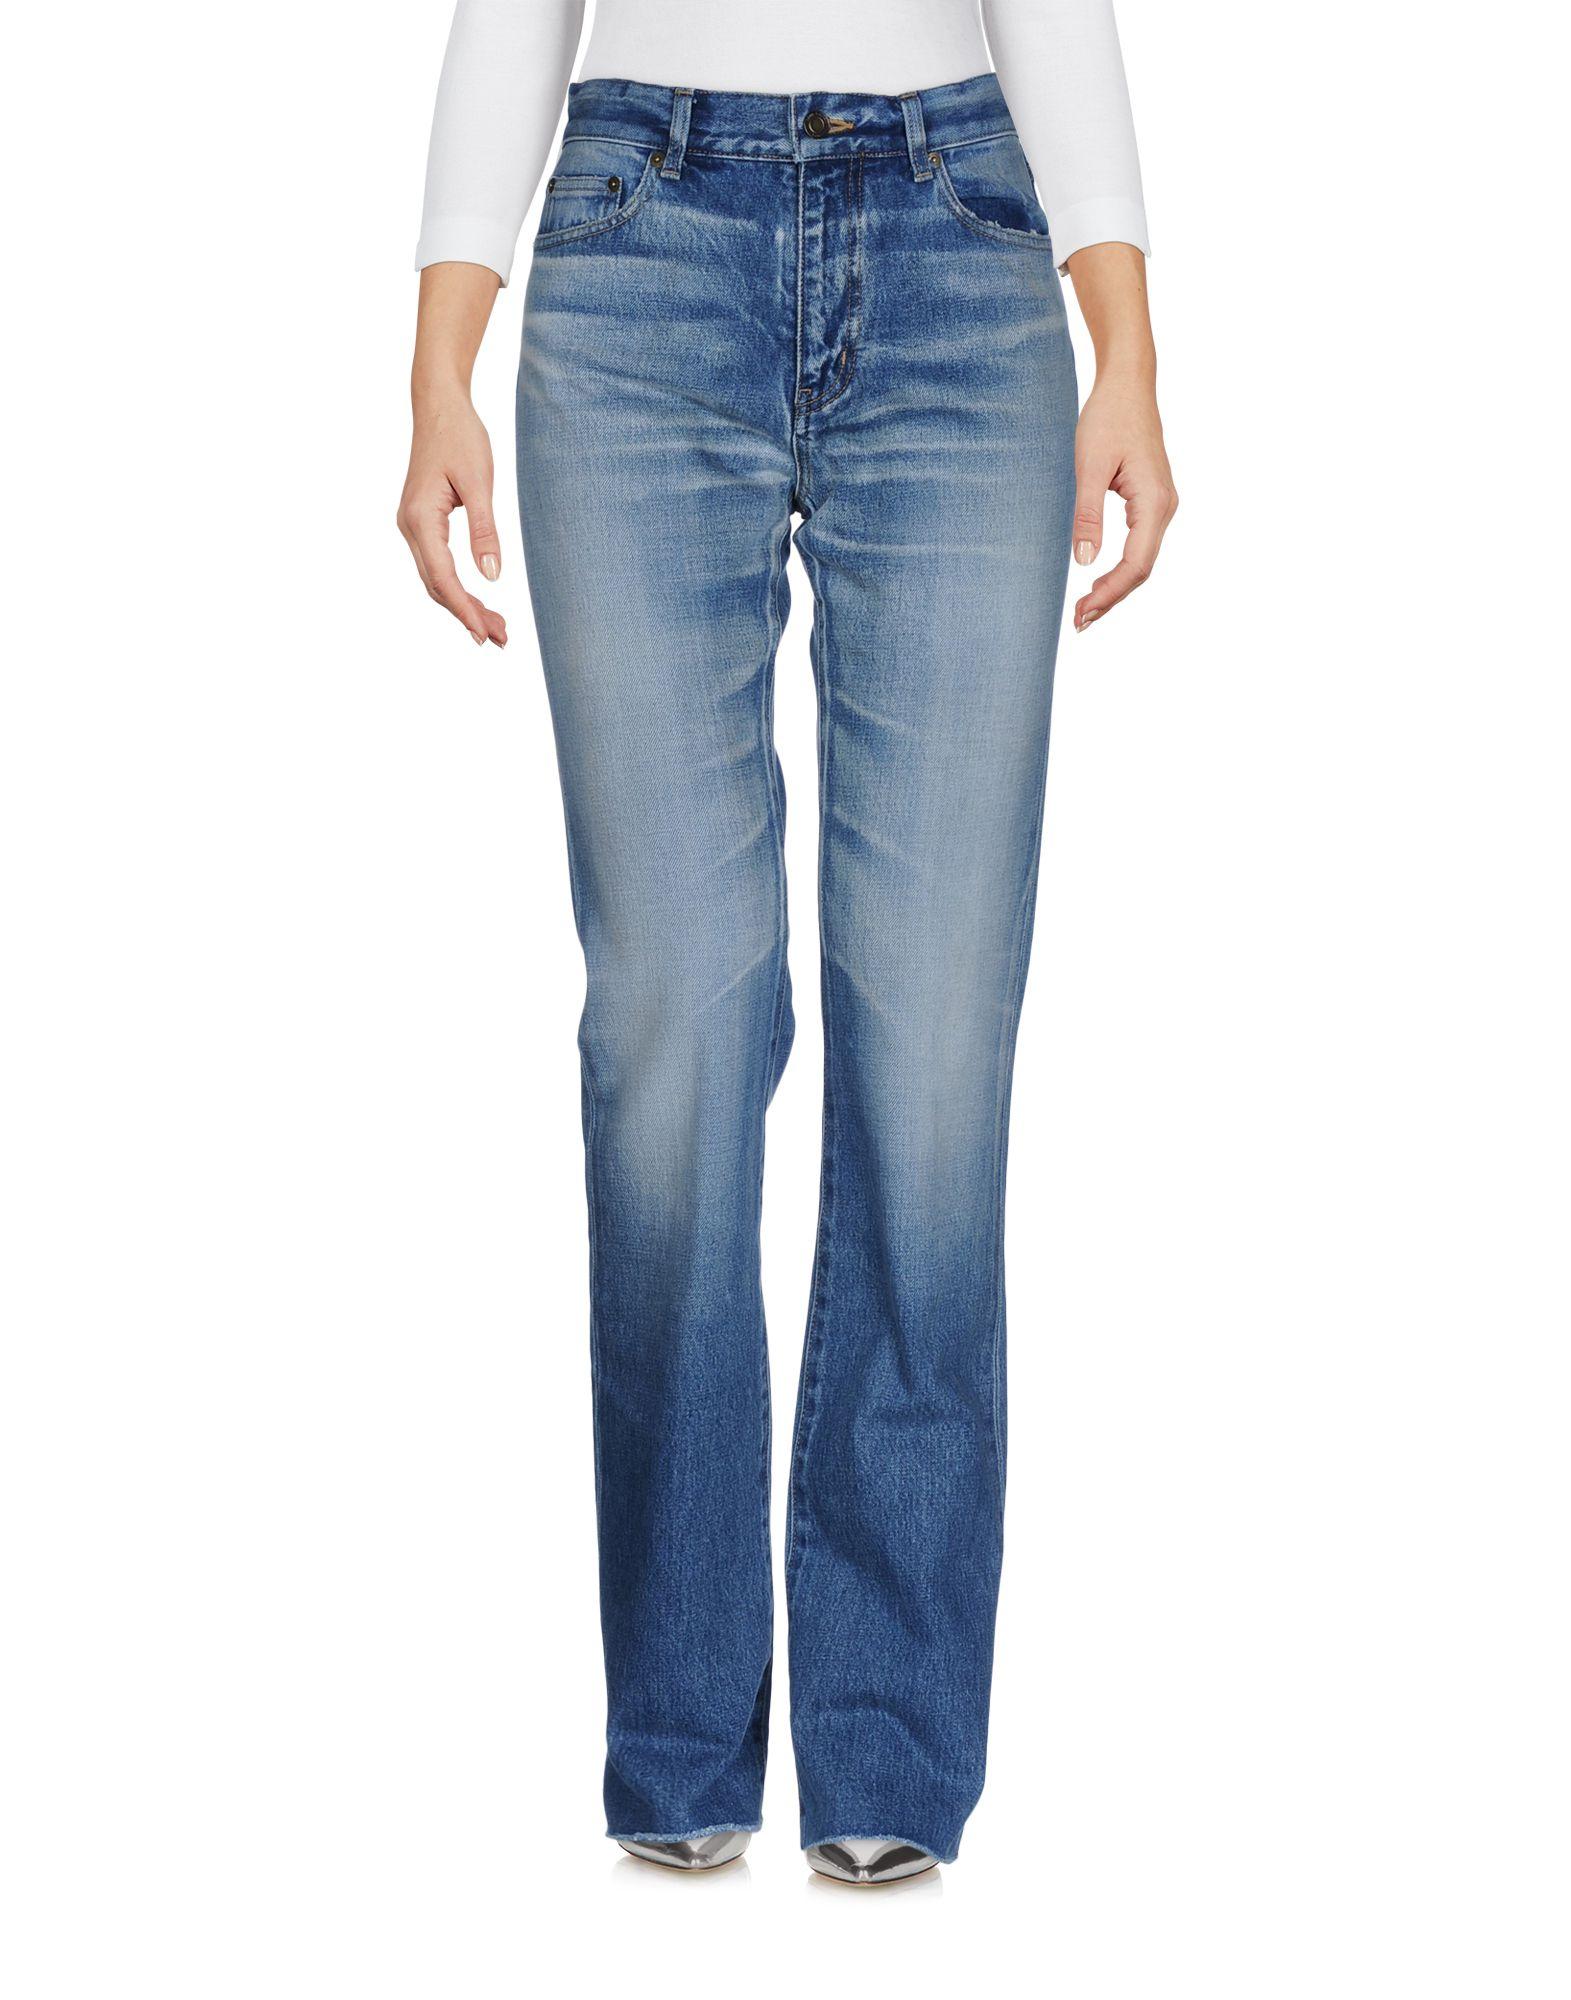 Pantaloni Jeans Saint Laurent Donna - Acquista online su MtXam